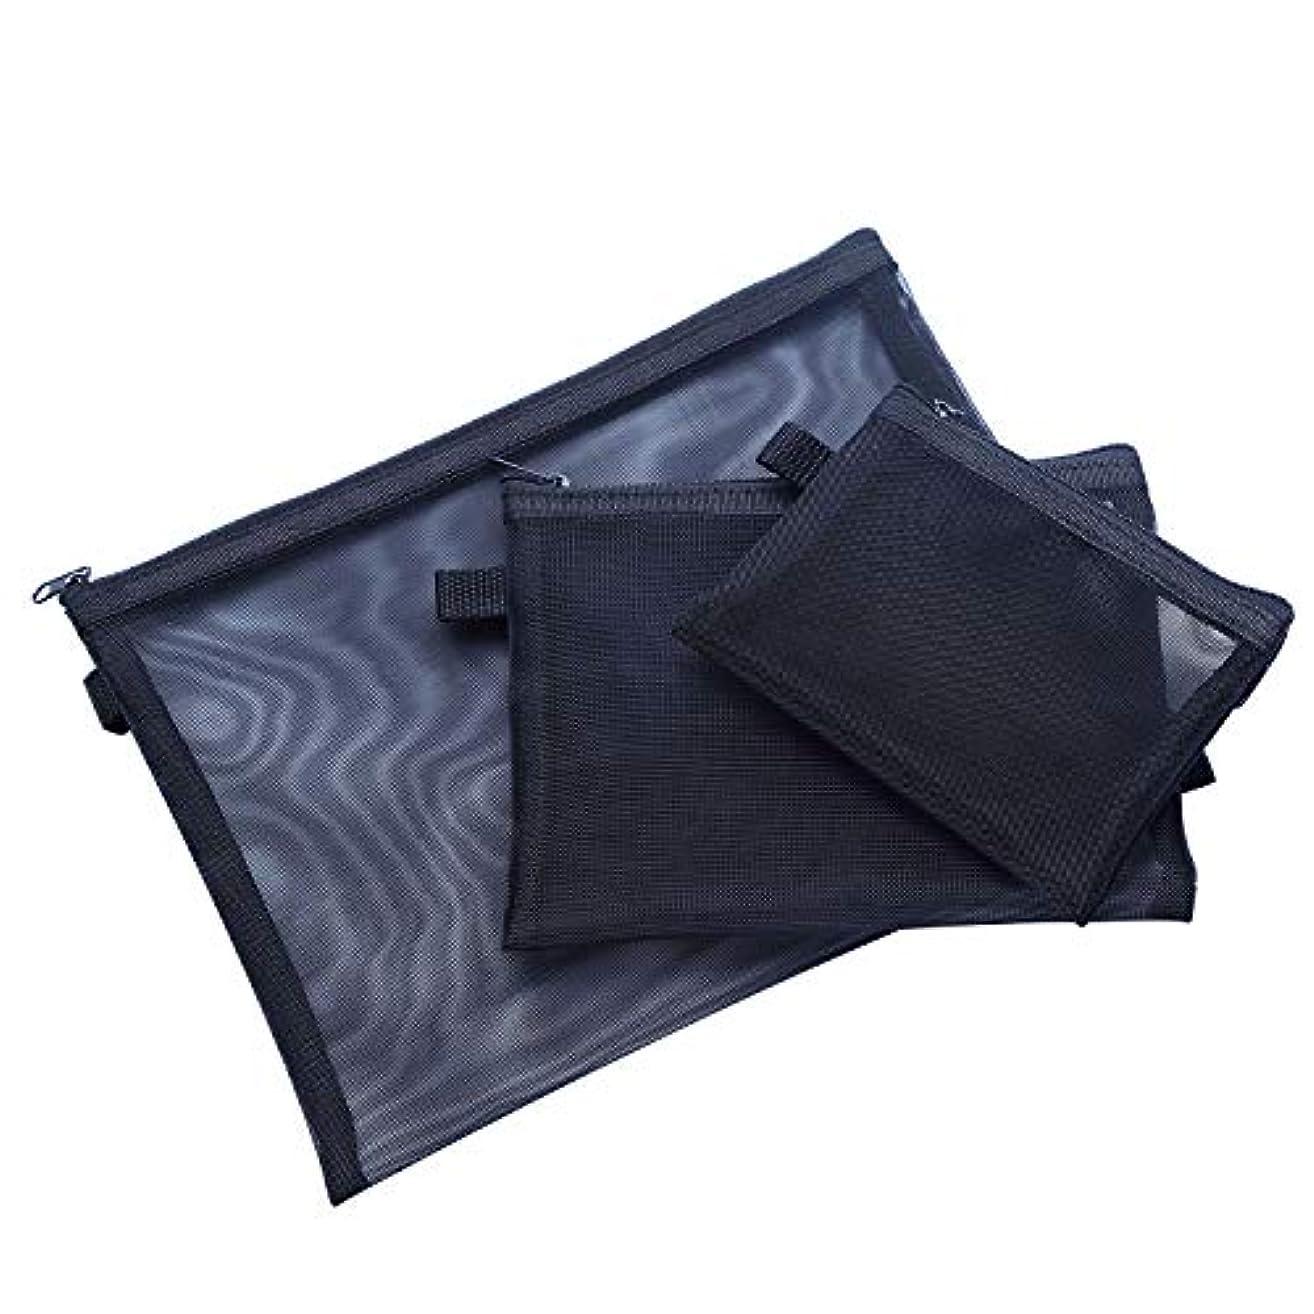 アンドリューハリディラフ睡眠嫌悪HOYOFO メッシュケース 化粧ポーチ 収納 小物入れ 多機能 3点セット 黒